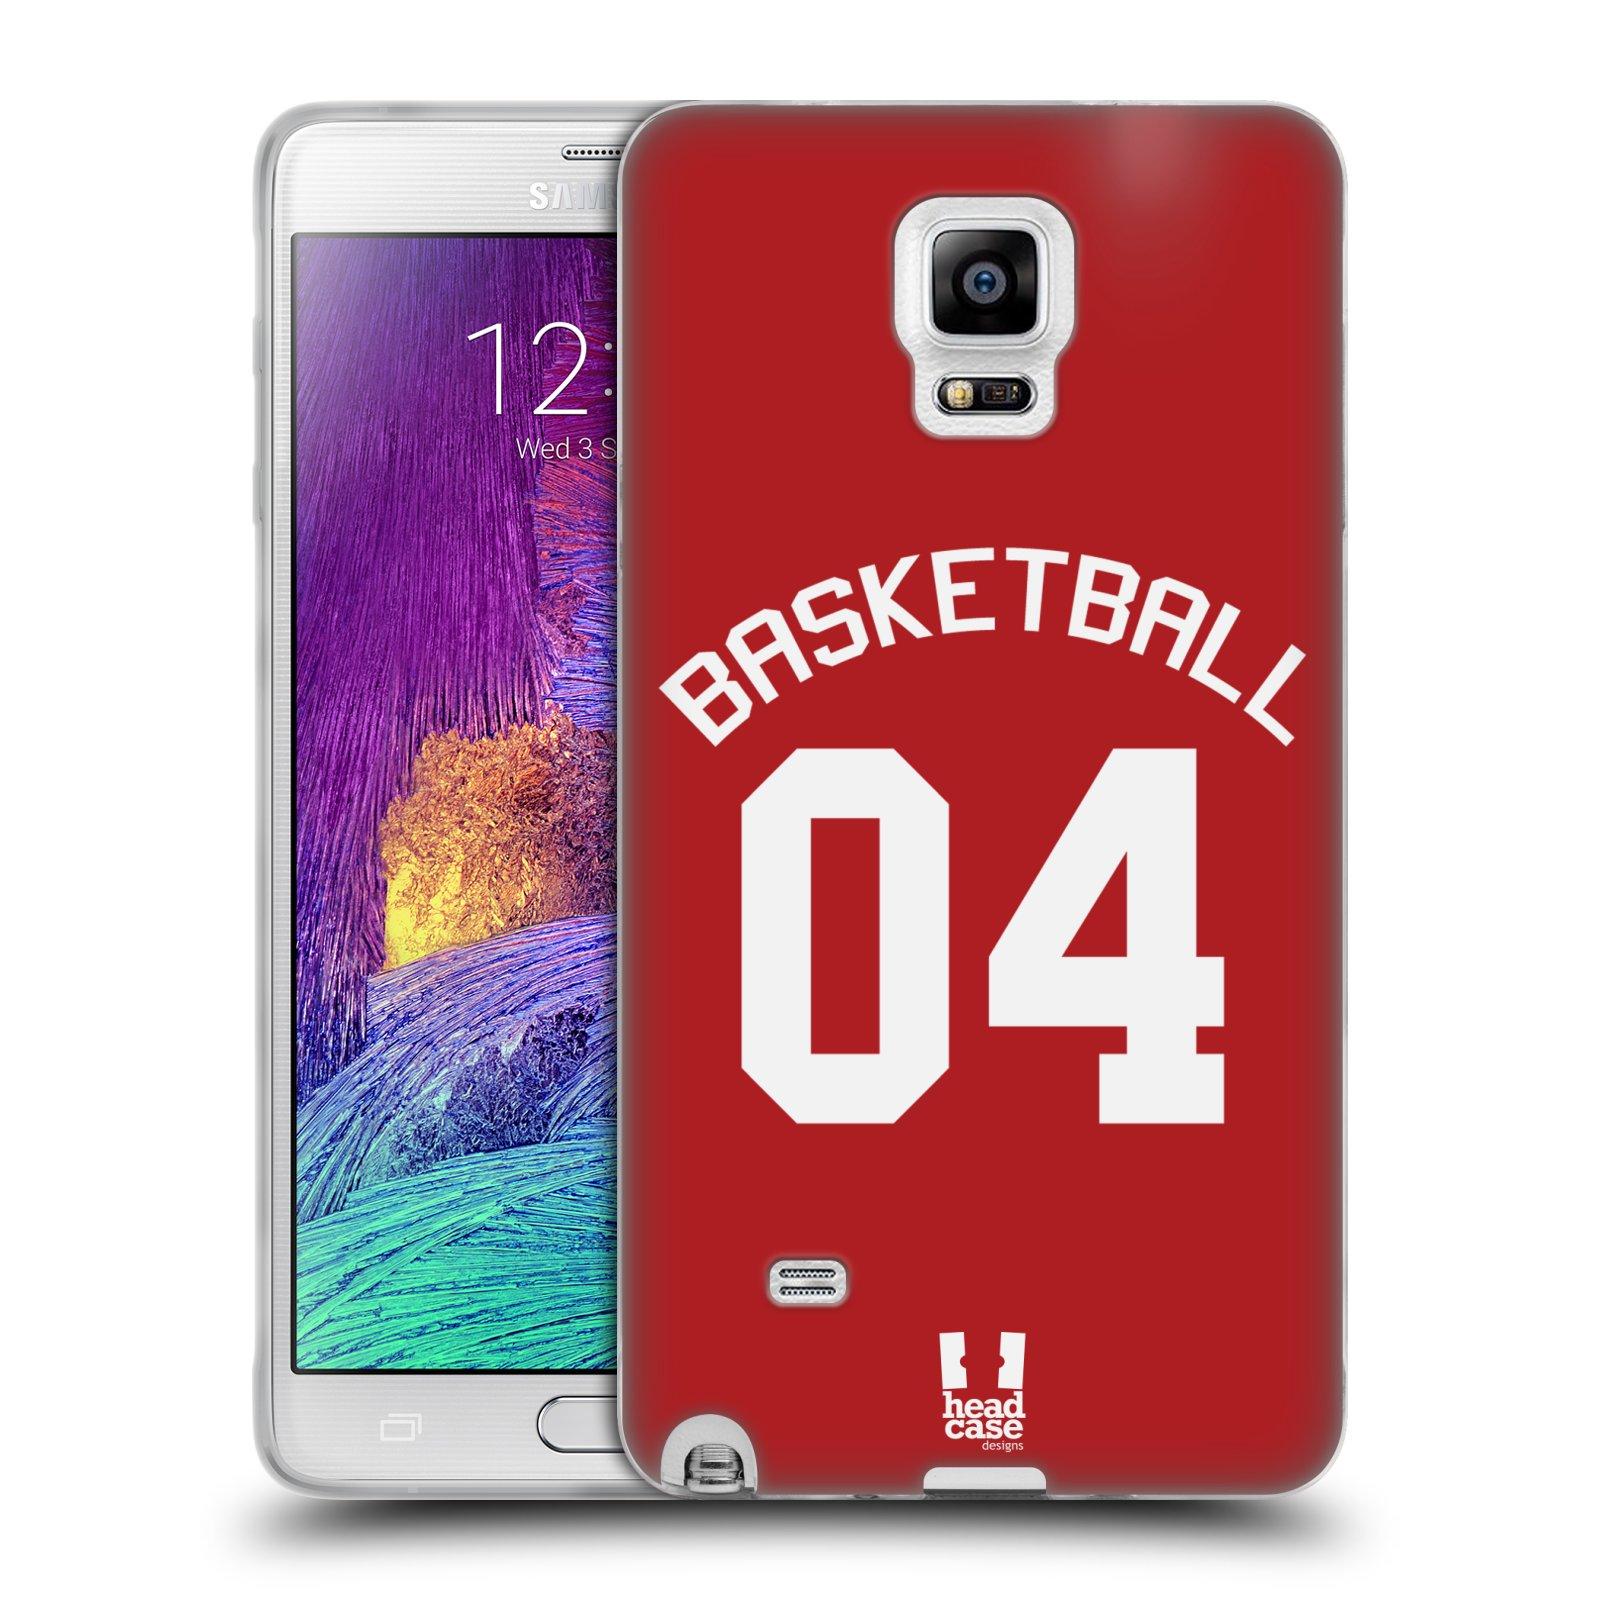 HEAD CASE silikonový obal na mobil Samsung Galaxy Note 4 Sportovní dres Basketbal červený